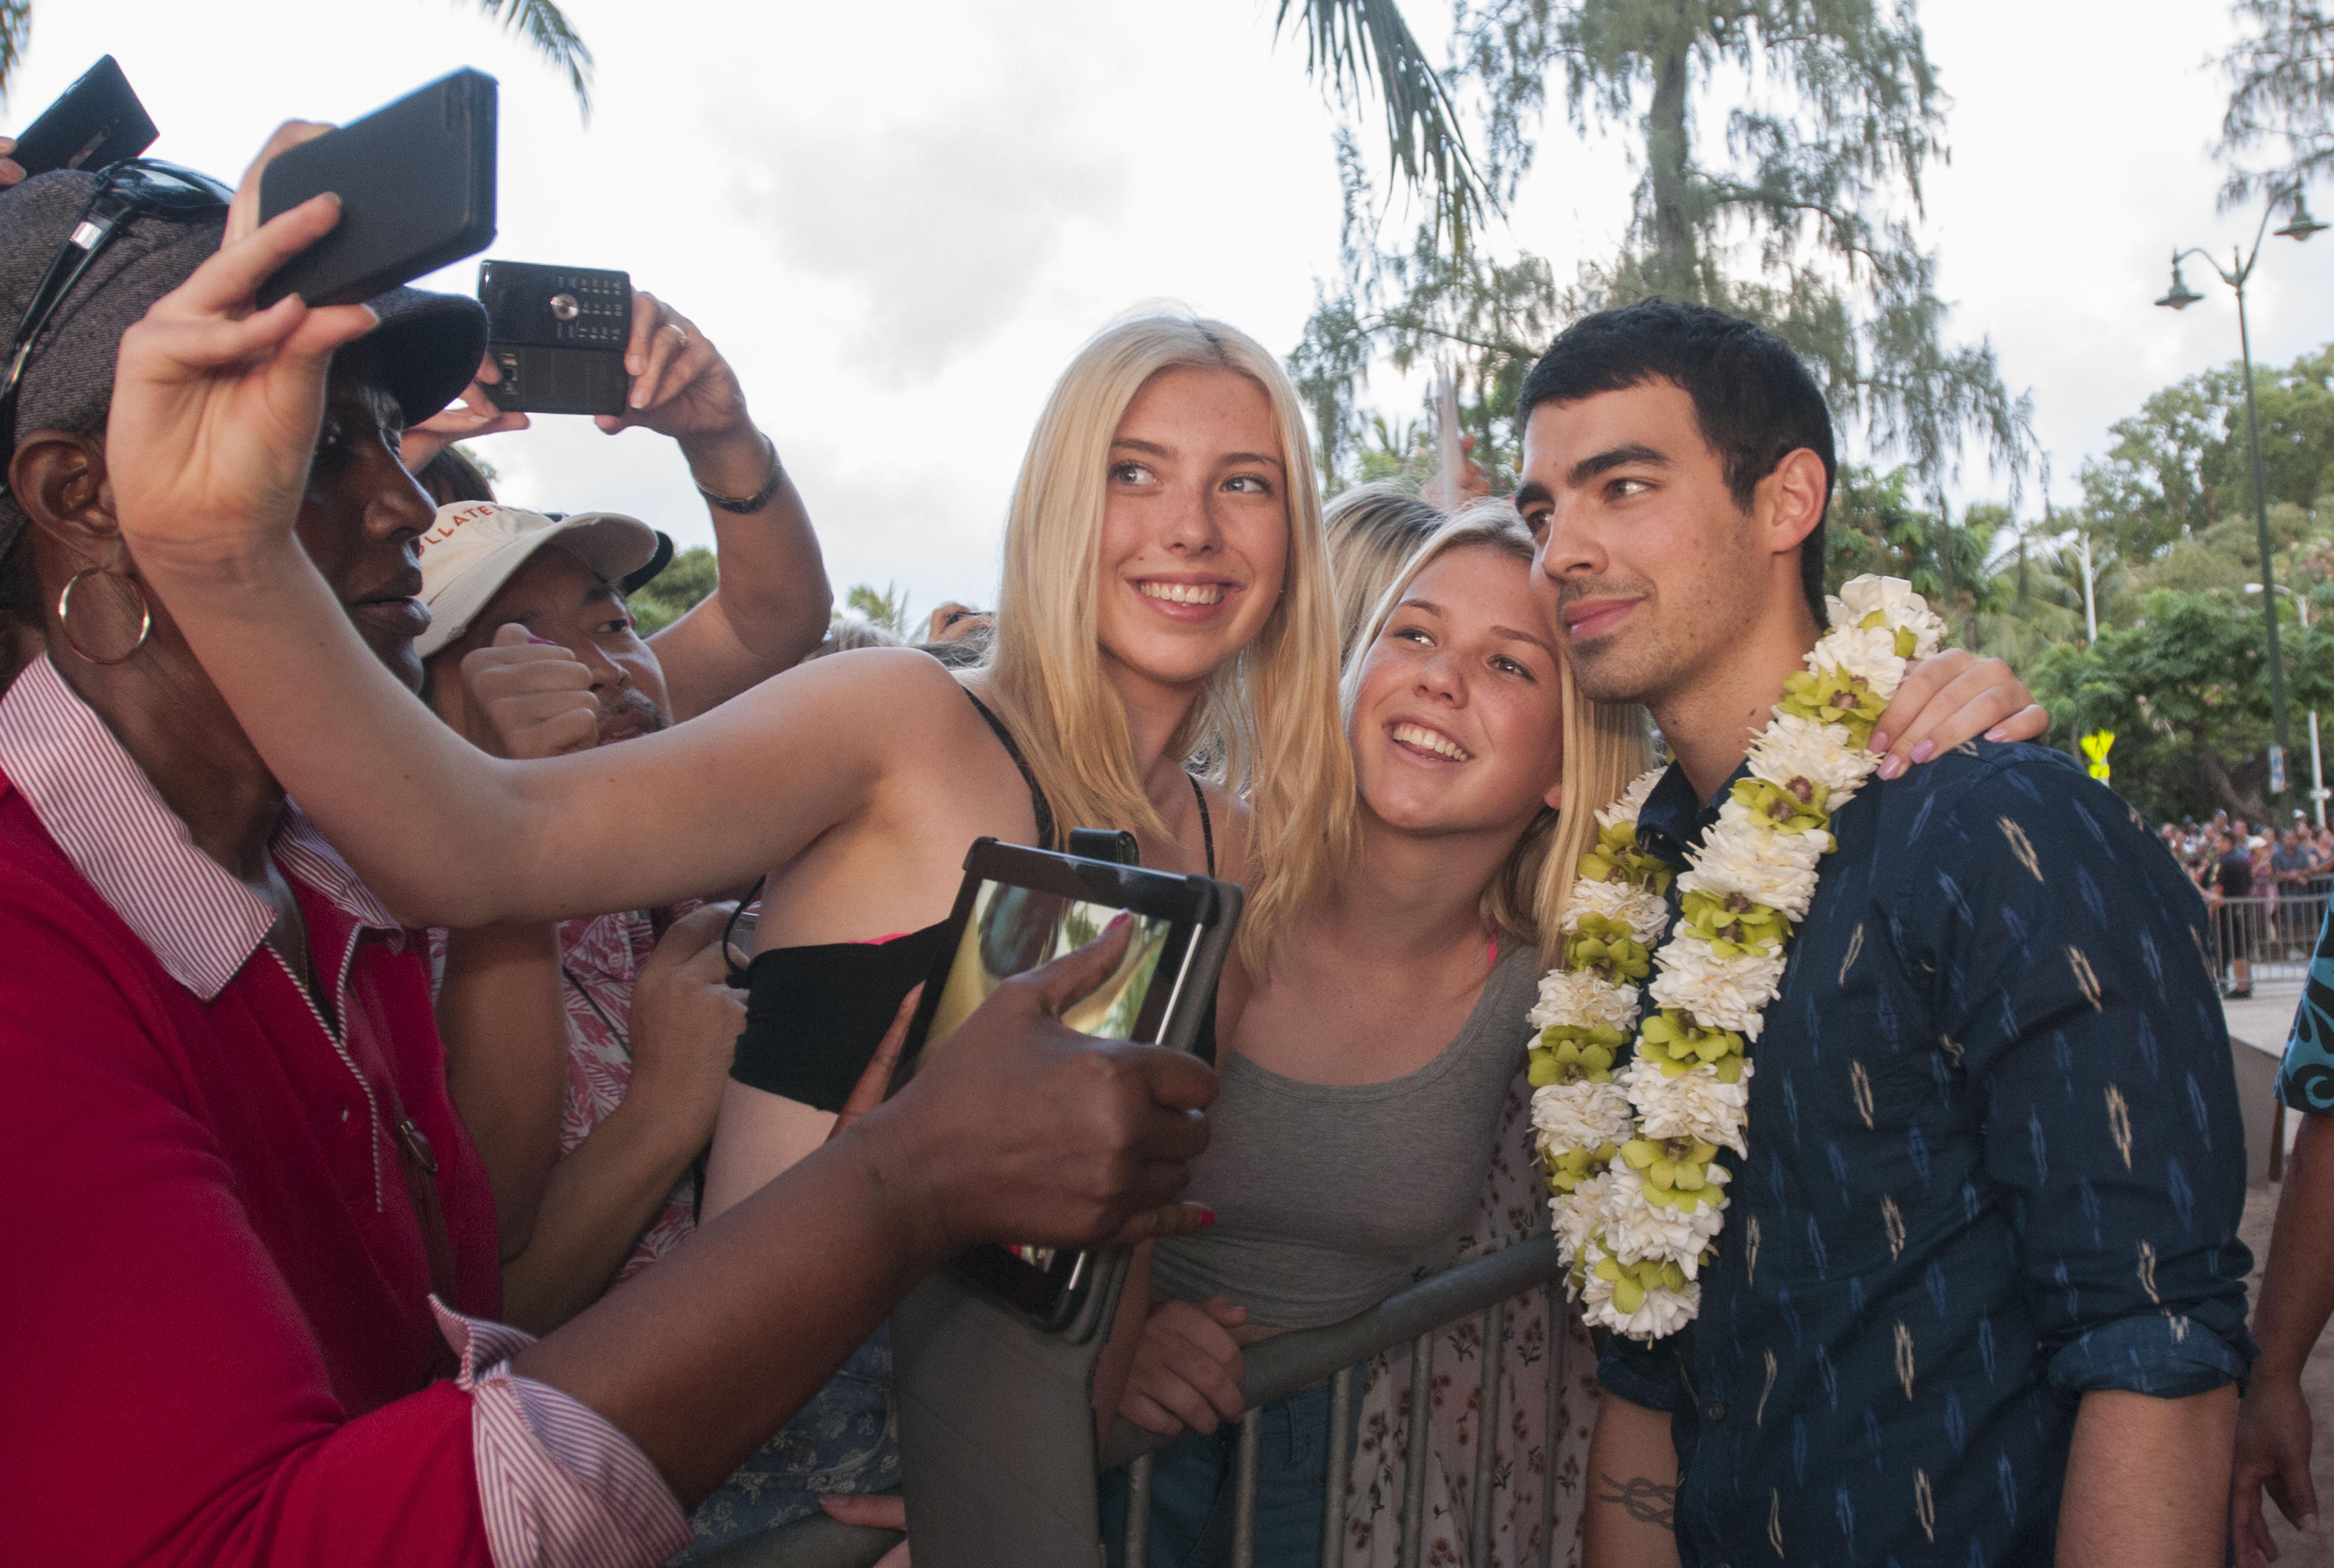 Hawaii Five-0 Sunset on the Beach - Joe Jonas